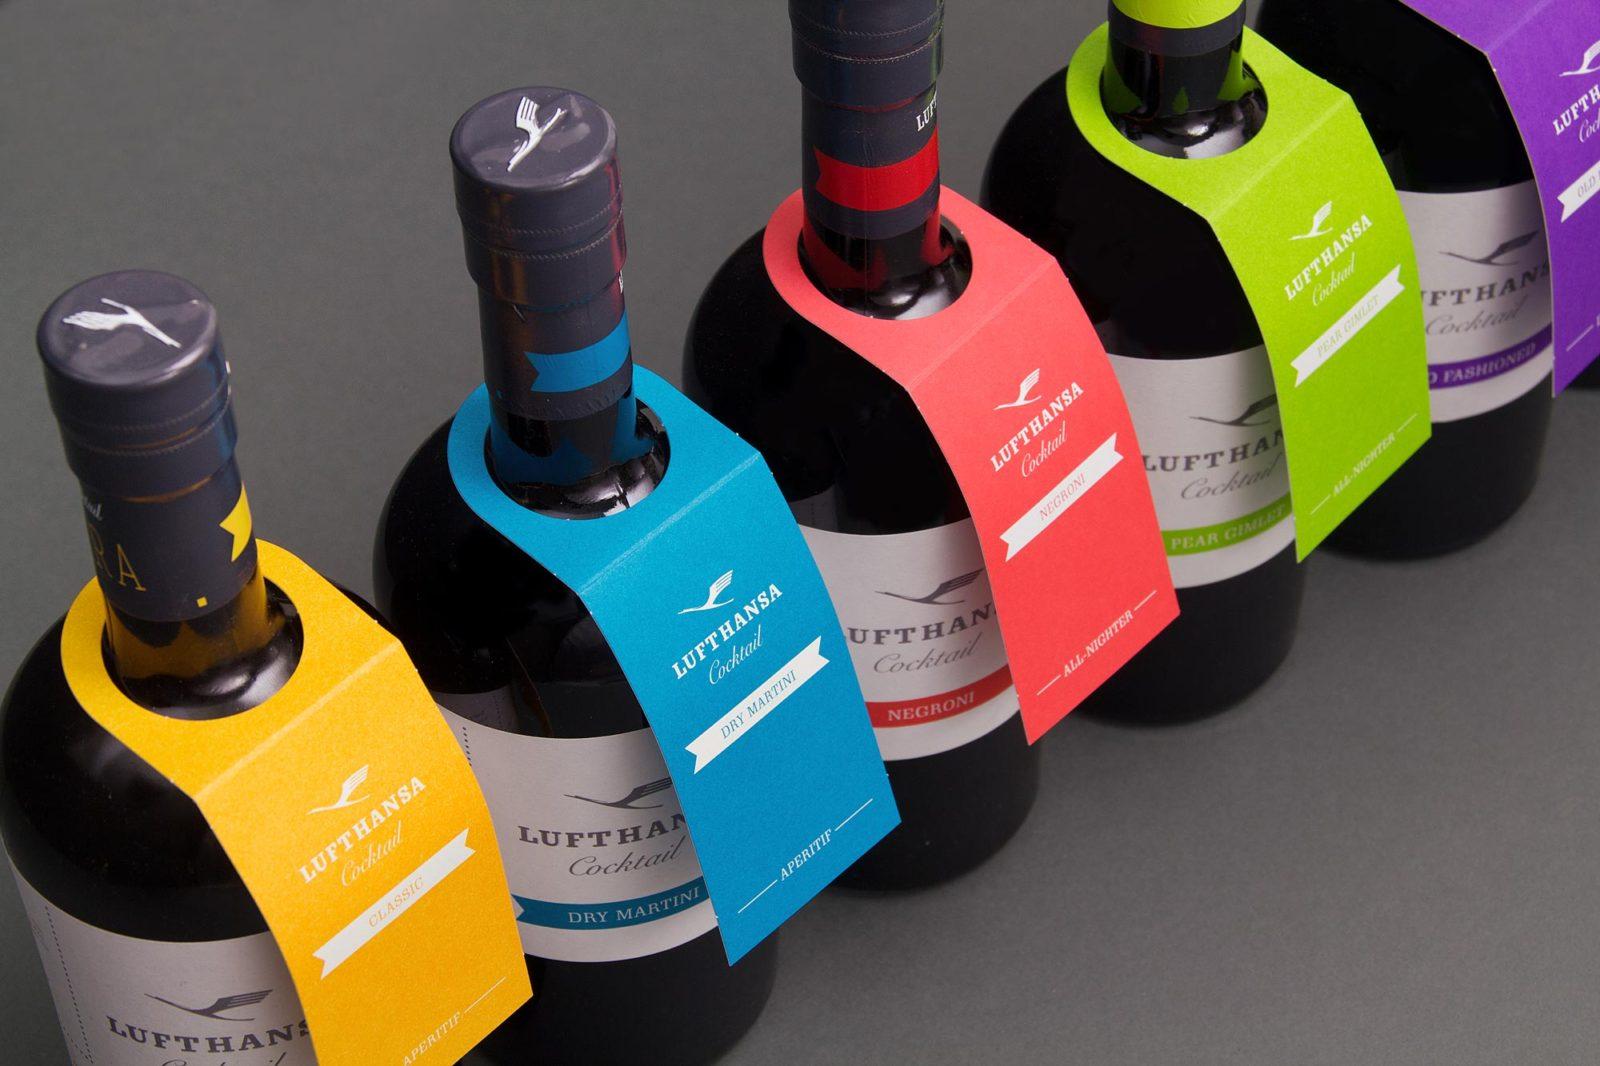 editienne Kommunkationsdesign - Brand Packaging Design für Lufthansa 3